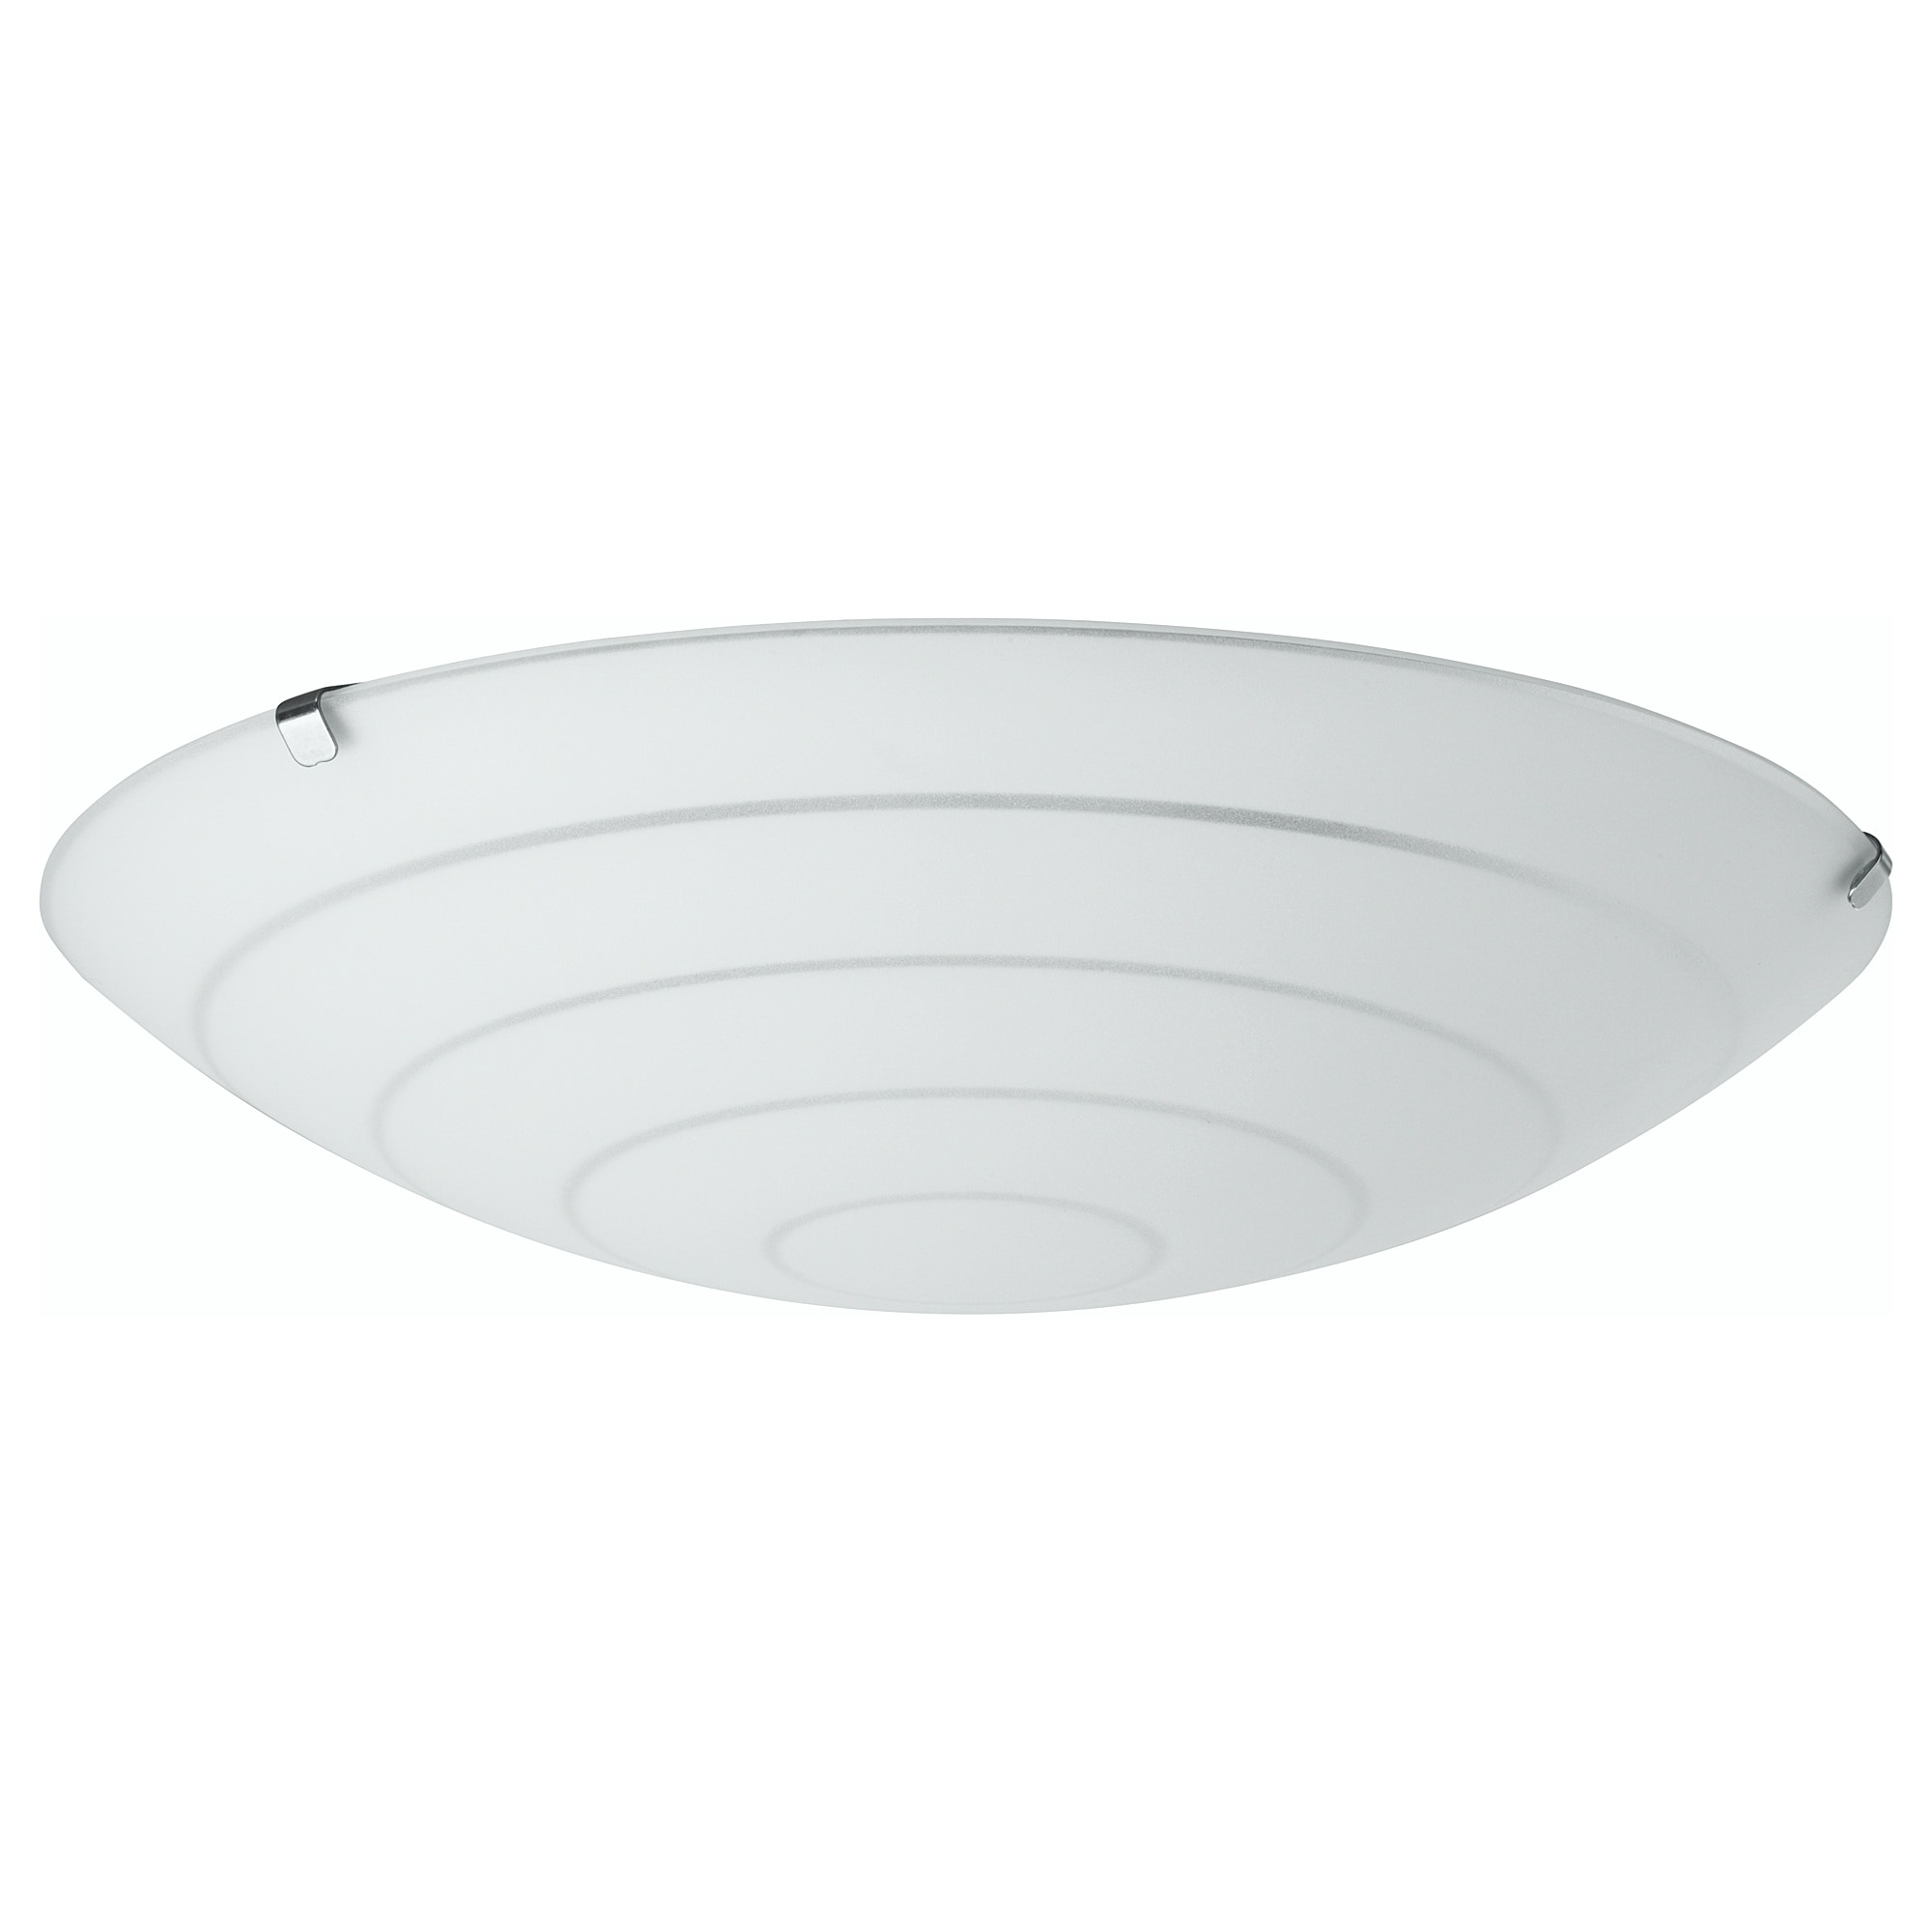 Full Size of Deckenlampe Beleuchtung Durchmesser 45cm Ikea Alng Deckenleuchte Küche Kosten Deckenlampen Wohnzimmer Modern Kaufen Bad Schlafzimmer Betten 160x200 Sofa Mit Wohnzimmer Ikea Deckenlampe